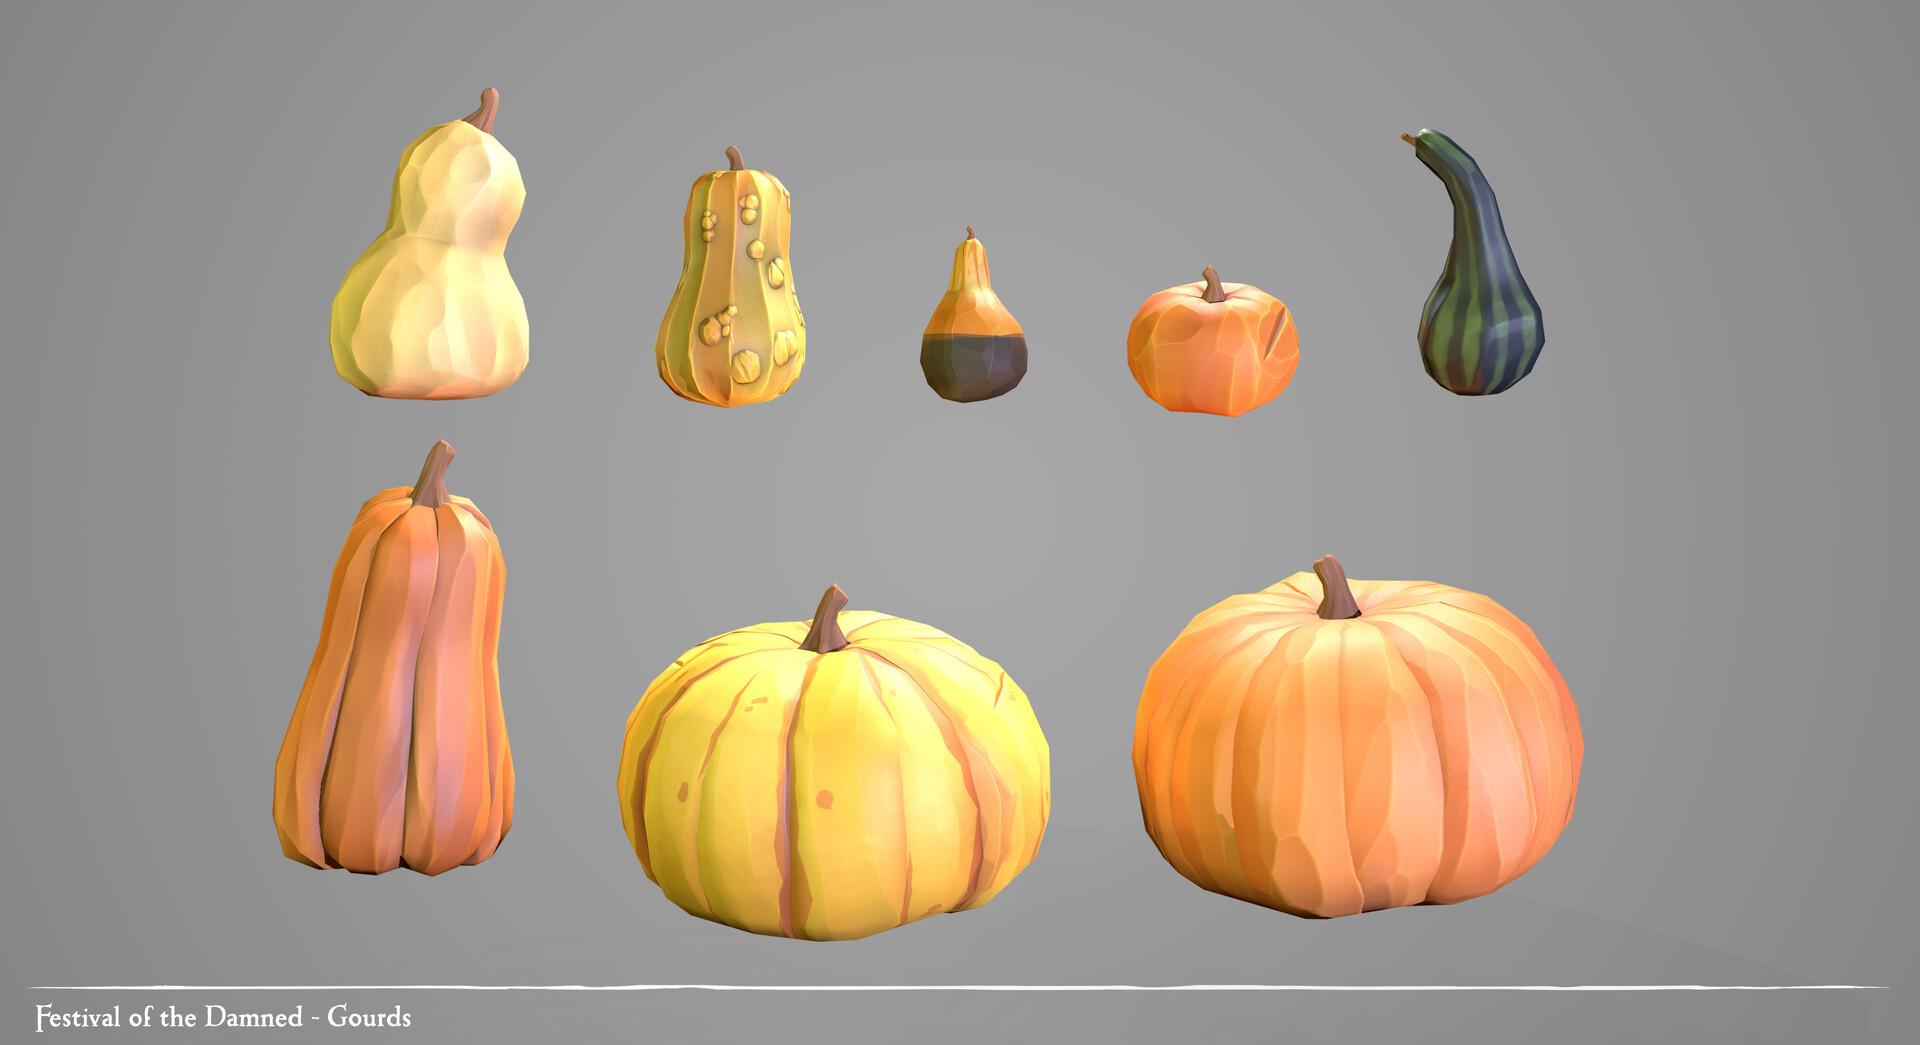 george-o-keeffe-06-fod-gourds.jpg